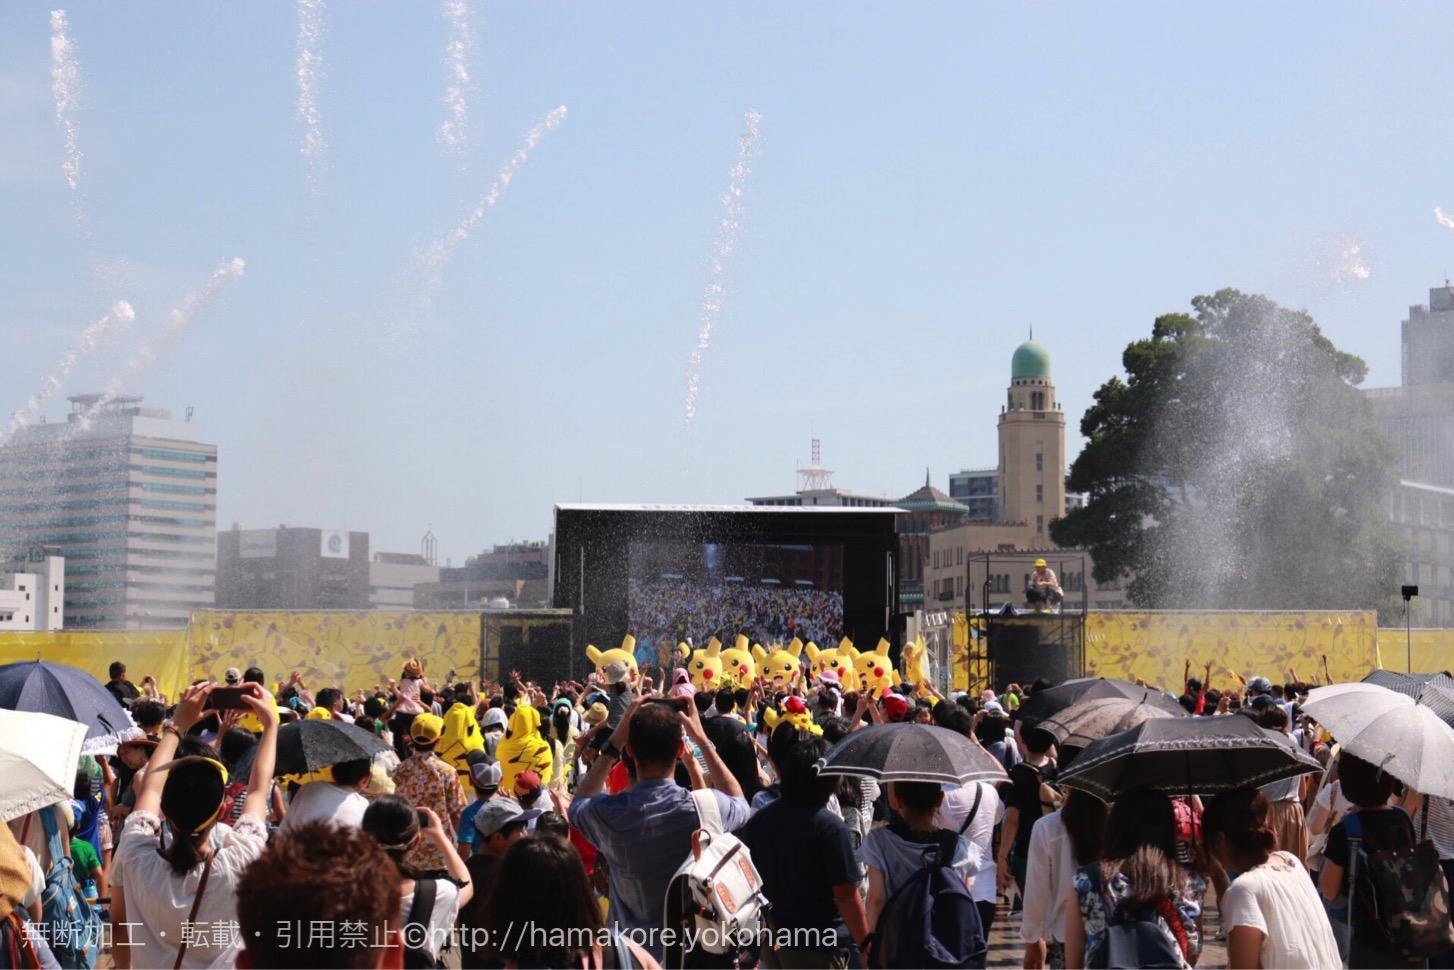 2017年 ピカチュウ大量発生チュウ!スプラッシュショーが8月9日より横浜赤レンガで開催決定!